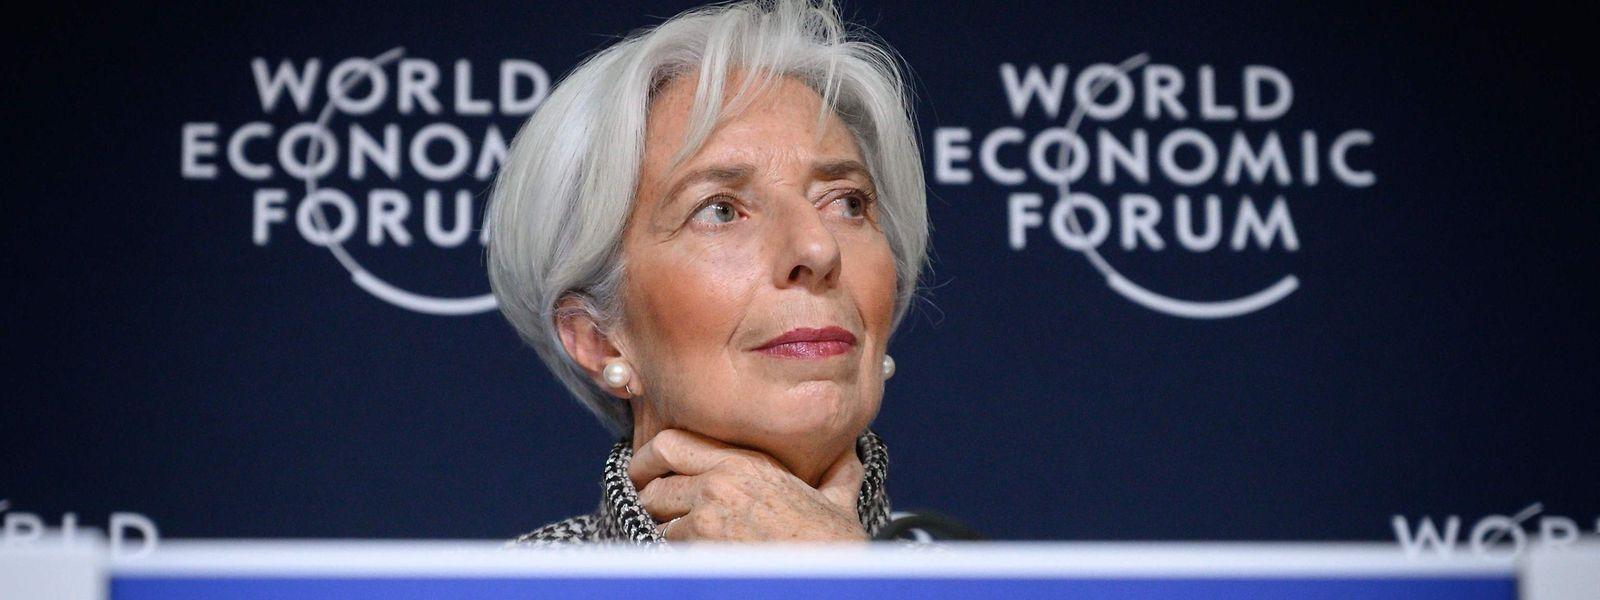 IWF-Chefin Christine Lagard stellte den Ausblick für die Weltwirtschaft vor.